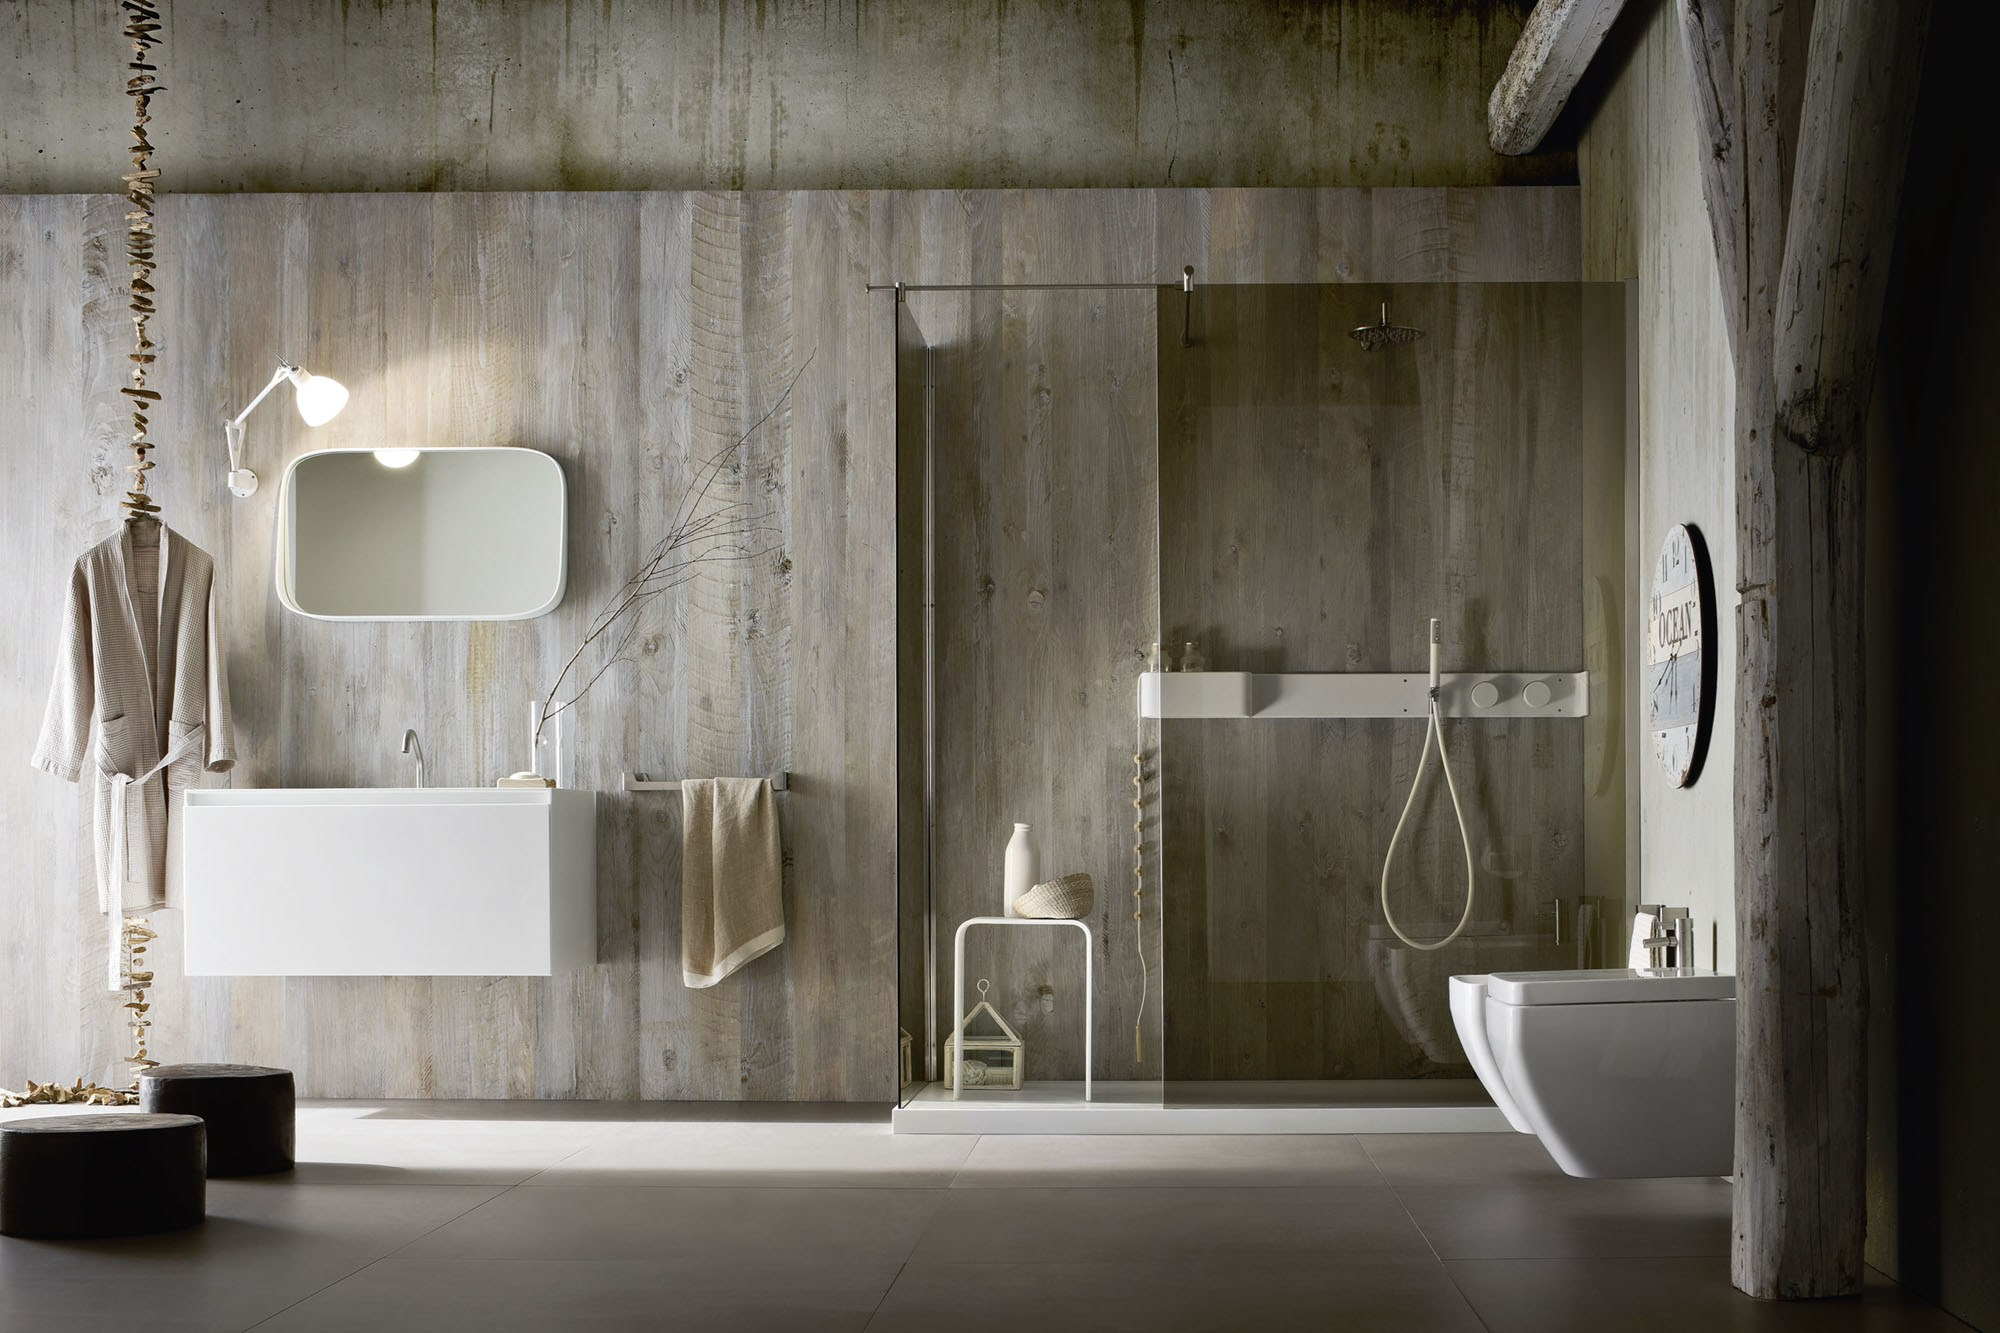 piatto doccia irregolare 70x : Piatto doccia rettangolare in Corian? design ERGO-NOMIC Piatto ...